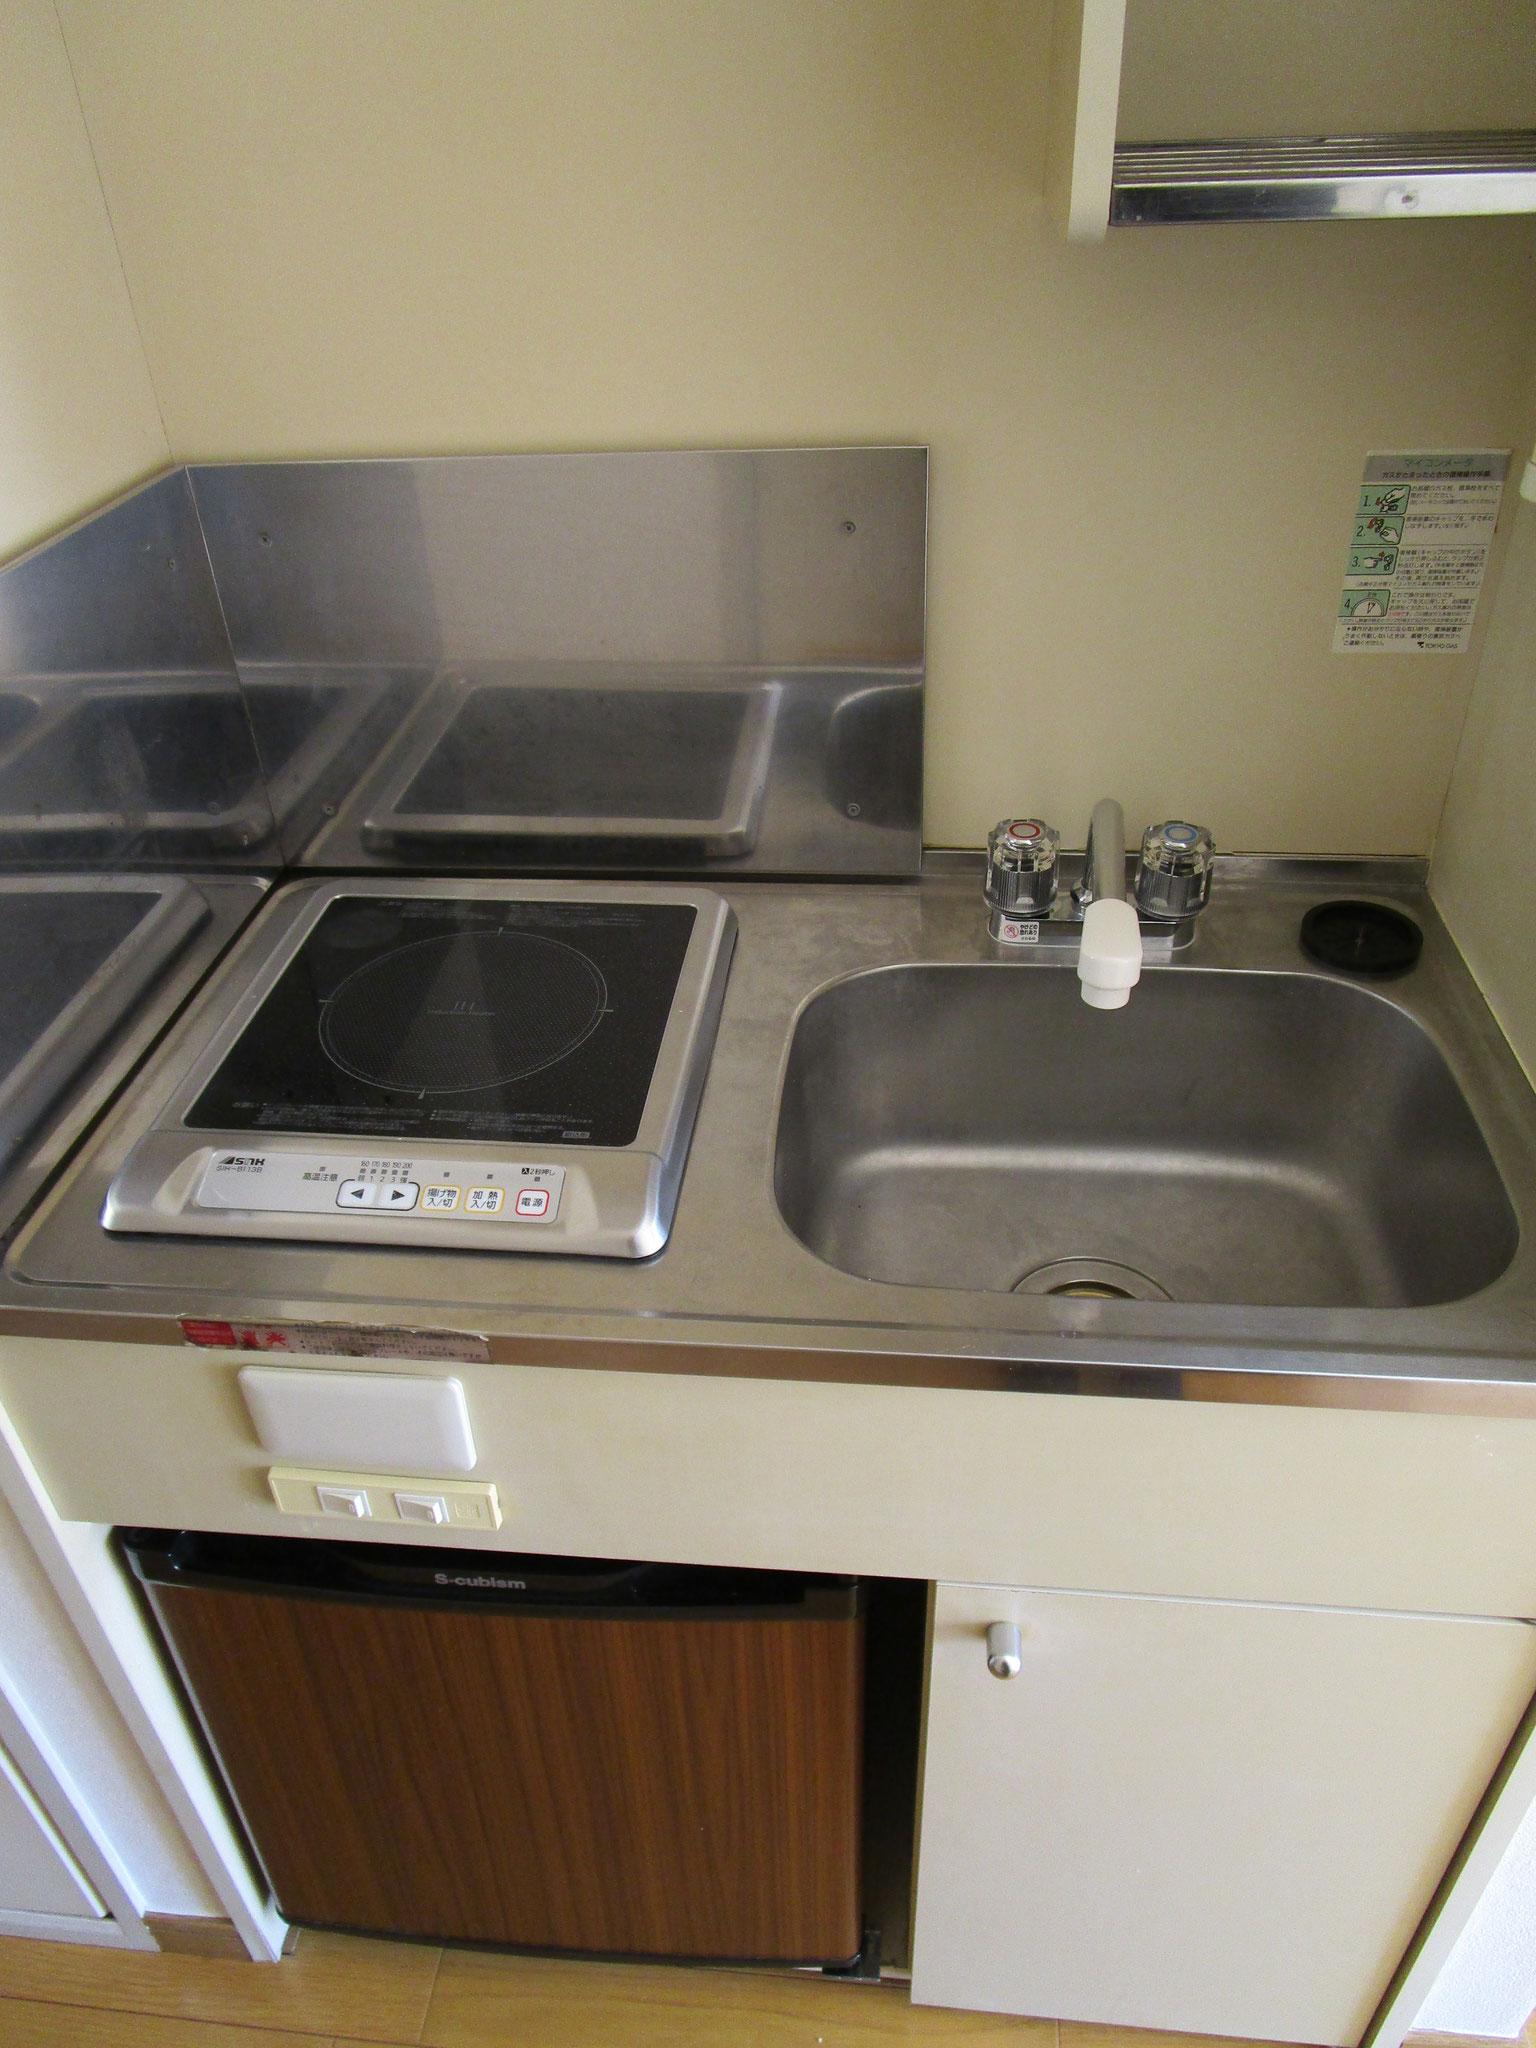 その隣はキッチン。木目調のミニ冷蔵庫付き